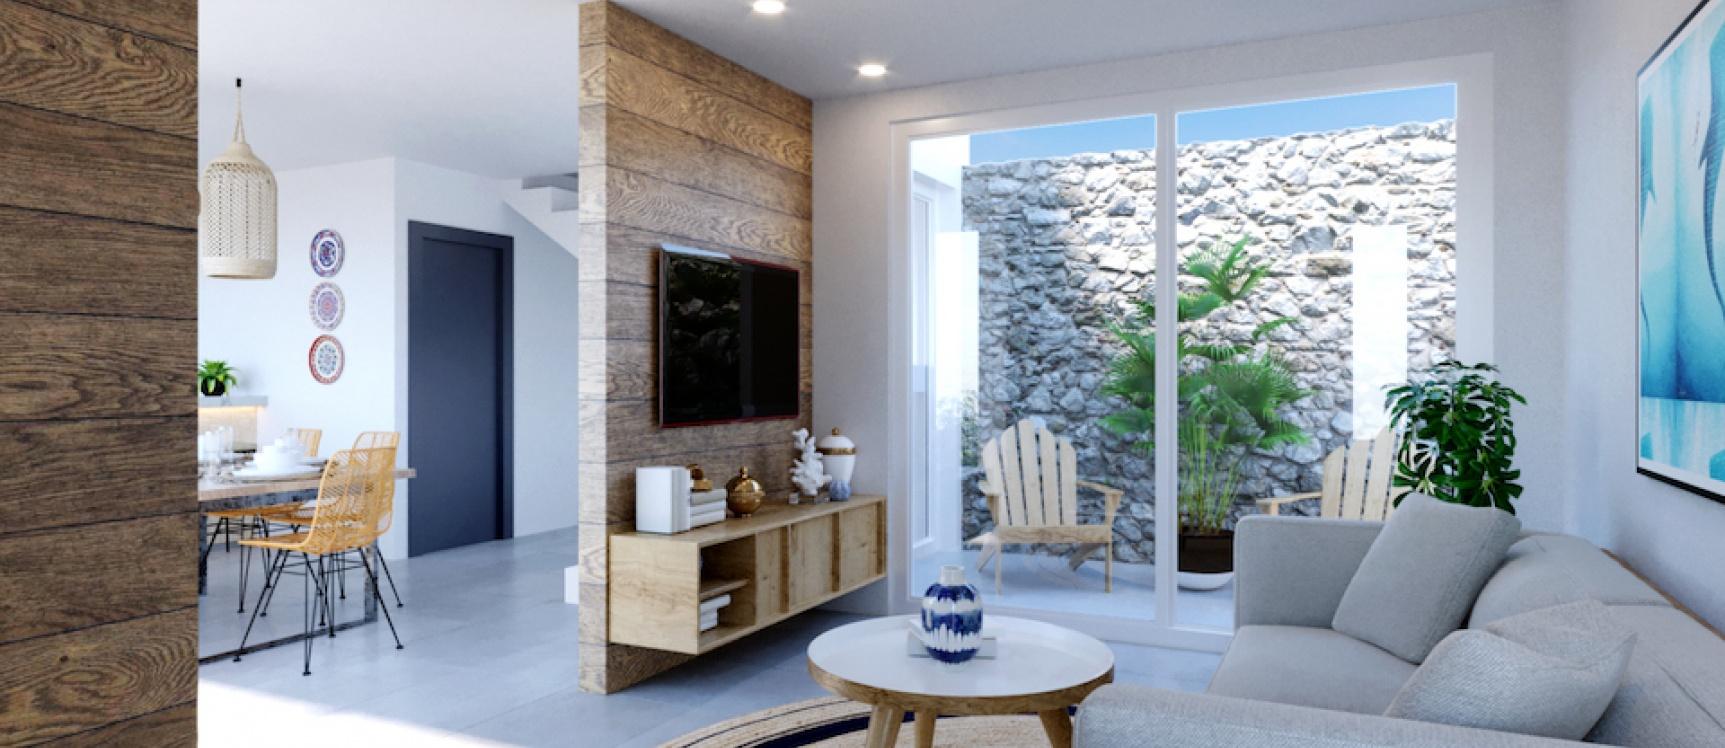 GeoBienes - A1 Beach Living Unifamiliar - Plusvalia Guayaquil Casas de venta y alquiler Inmobiliaria Ecuador